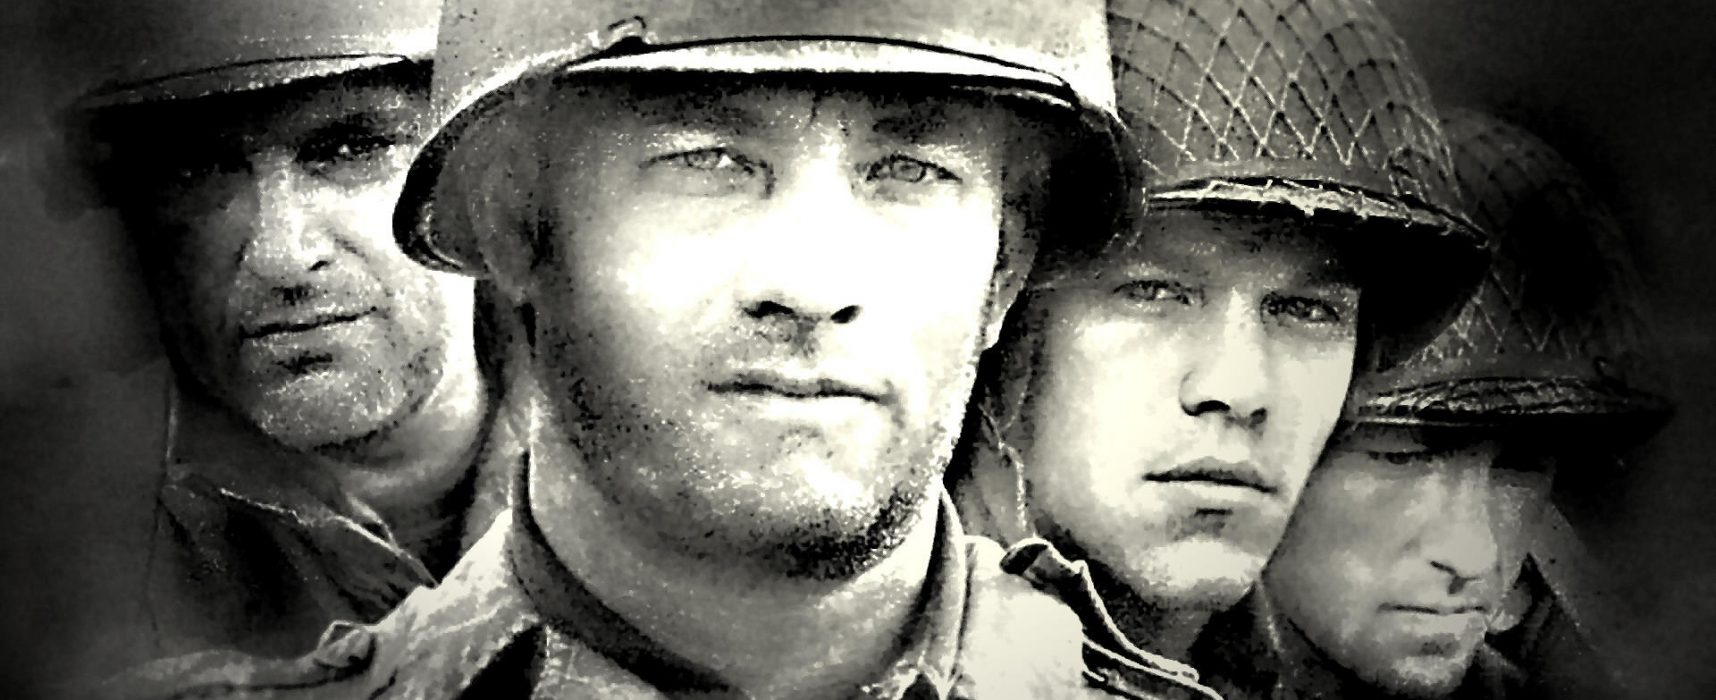 Salvate il soldato Markiv